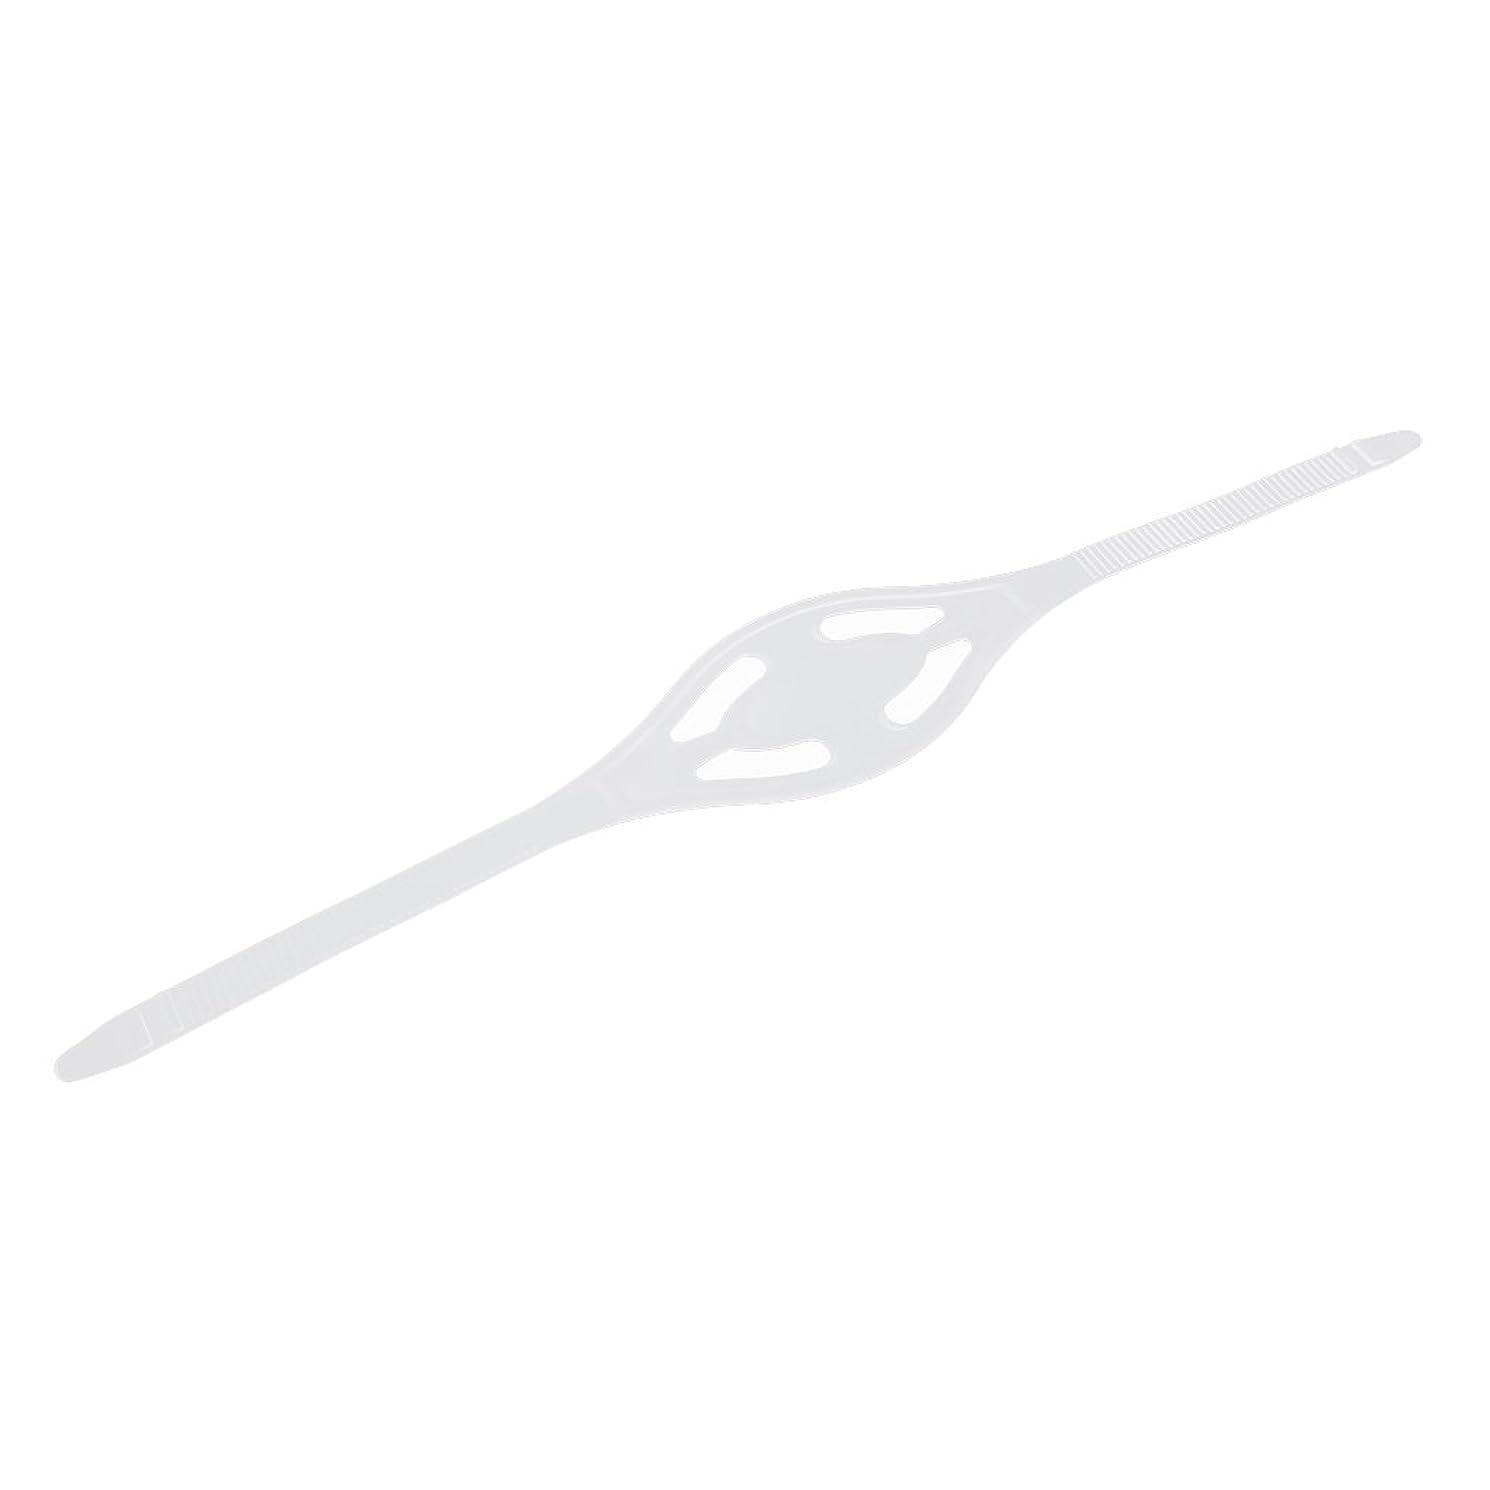 支援する割り当てる力Dovewill シリコン マスクストラップ マリン ダイビング シュノーケリング 快適性 2色2サイズ選べる - クリア, L